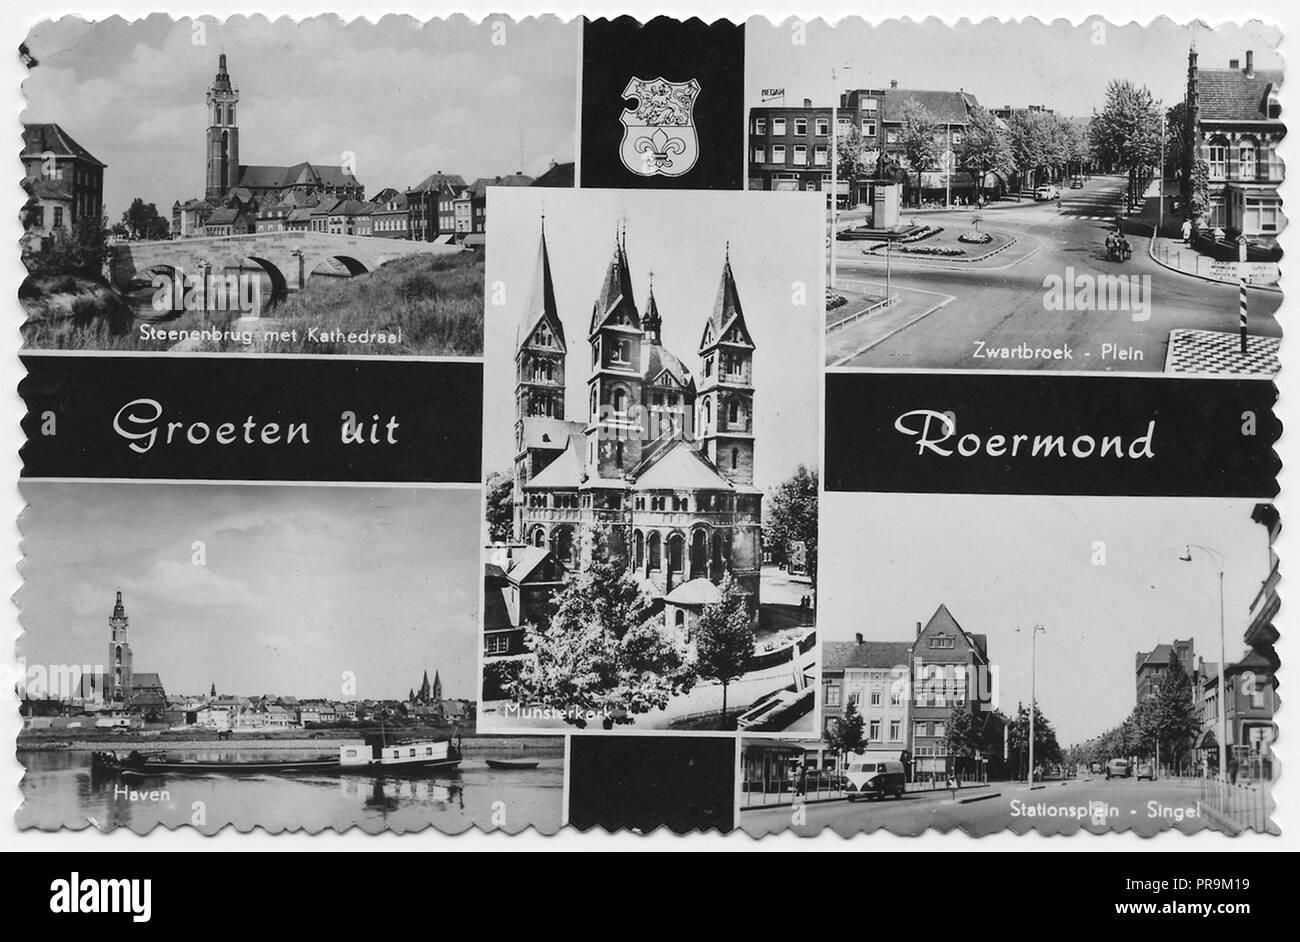 Une carte postale de Roermond Pays-Bas daté 1962. Une ville historiquement importante, sur la partie inférieure de la Roer rive est de la Meuse, la ville remonte à 1231 Photo Stock